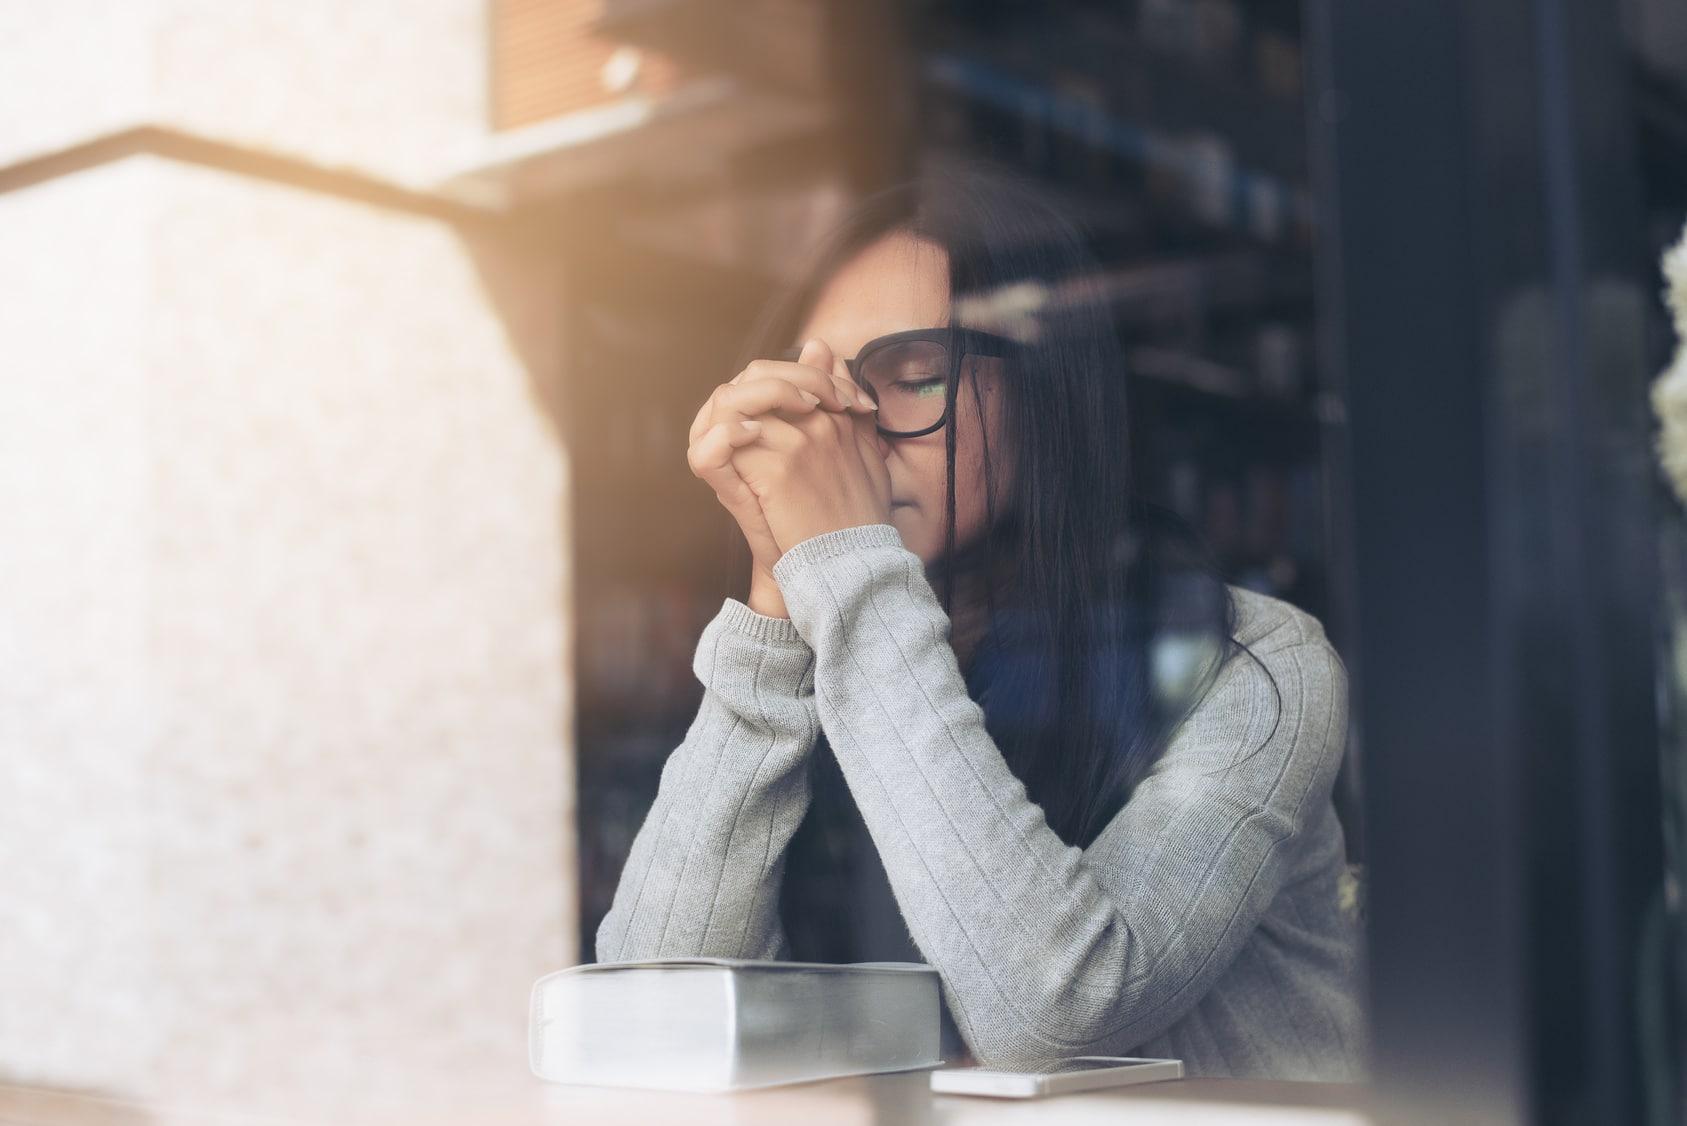 Eine junge Frau mit langen schwarzen Haaren und schwarzer Brille, sitzt hinter einer Glasscheibe und hat ihre Hände zum Gebet gefaltet. Dabei hat sie Ihre Augen geschlossen und eine Bibel liegt vor ihr auf dem Tisch. Sie zeigt mit dieser Gestik, dass sie mit ihrem Glauben, das Selbstbewusstsein aufbauen tut.